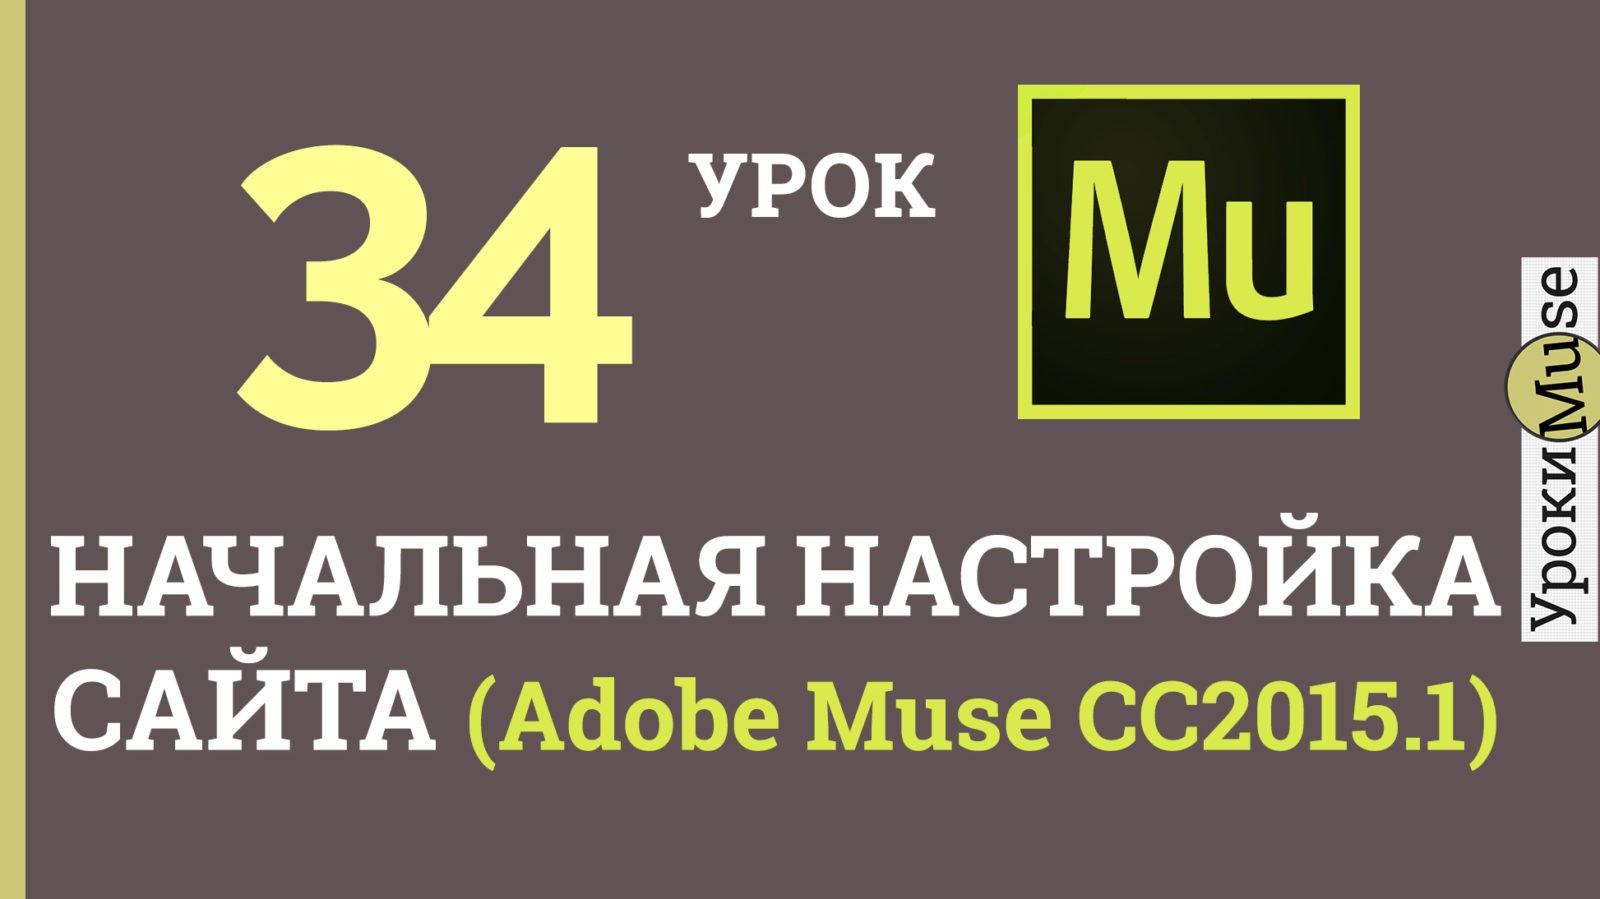 Начальная настройка сайта (СС2015.1)